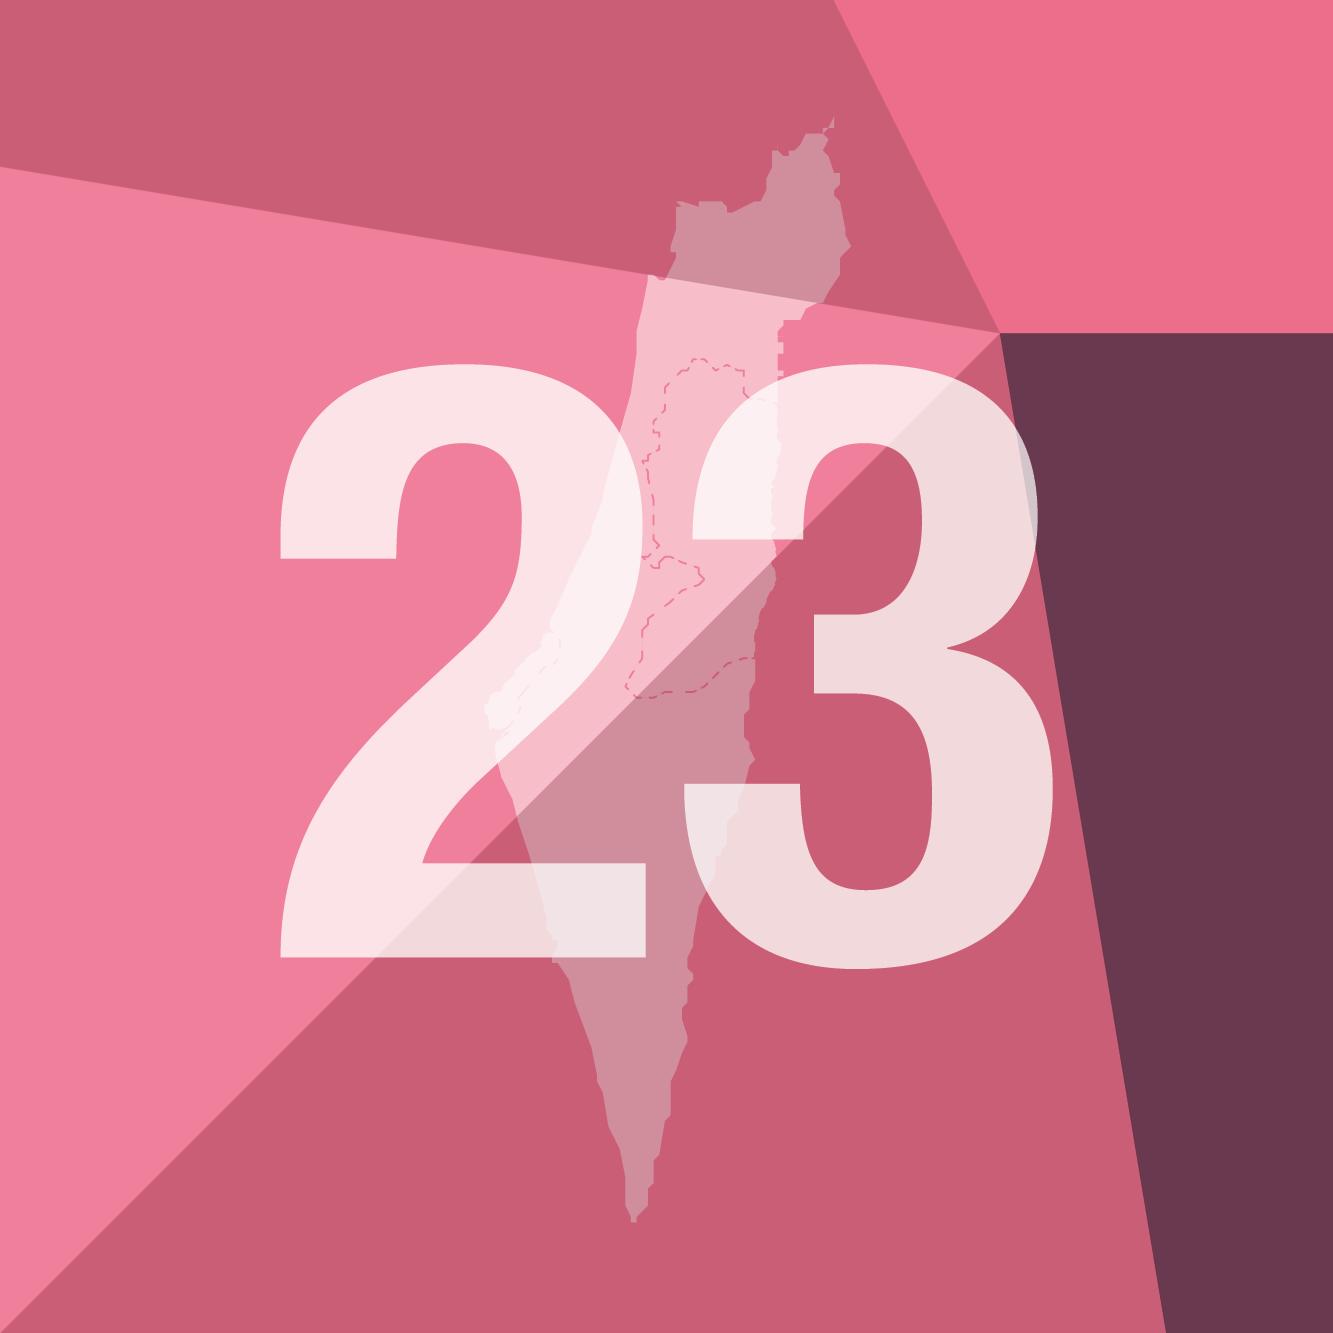 23 March | Israel